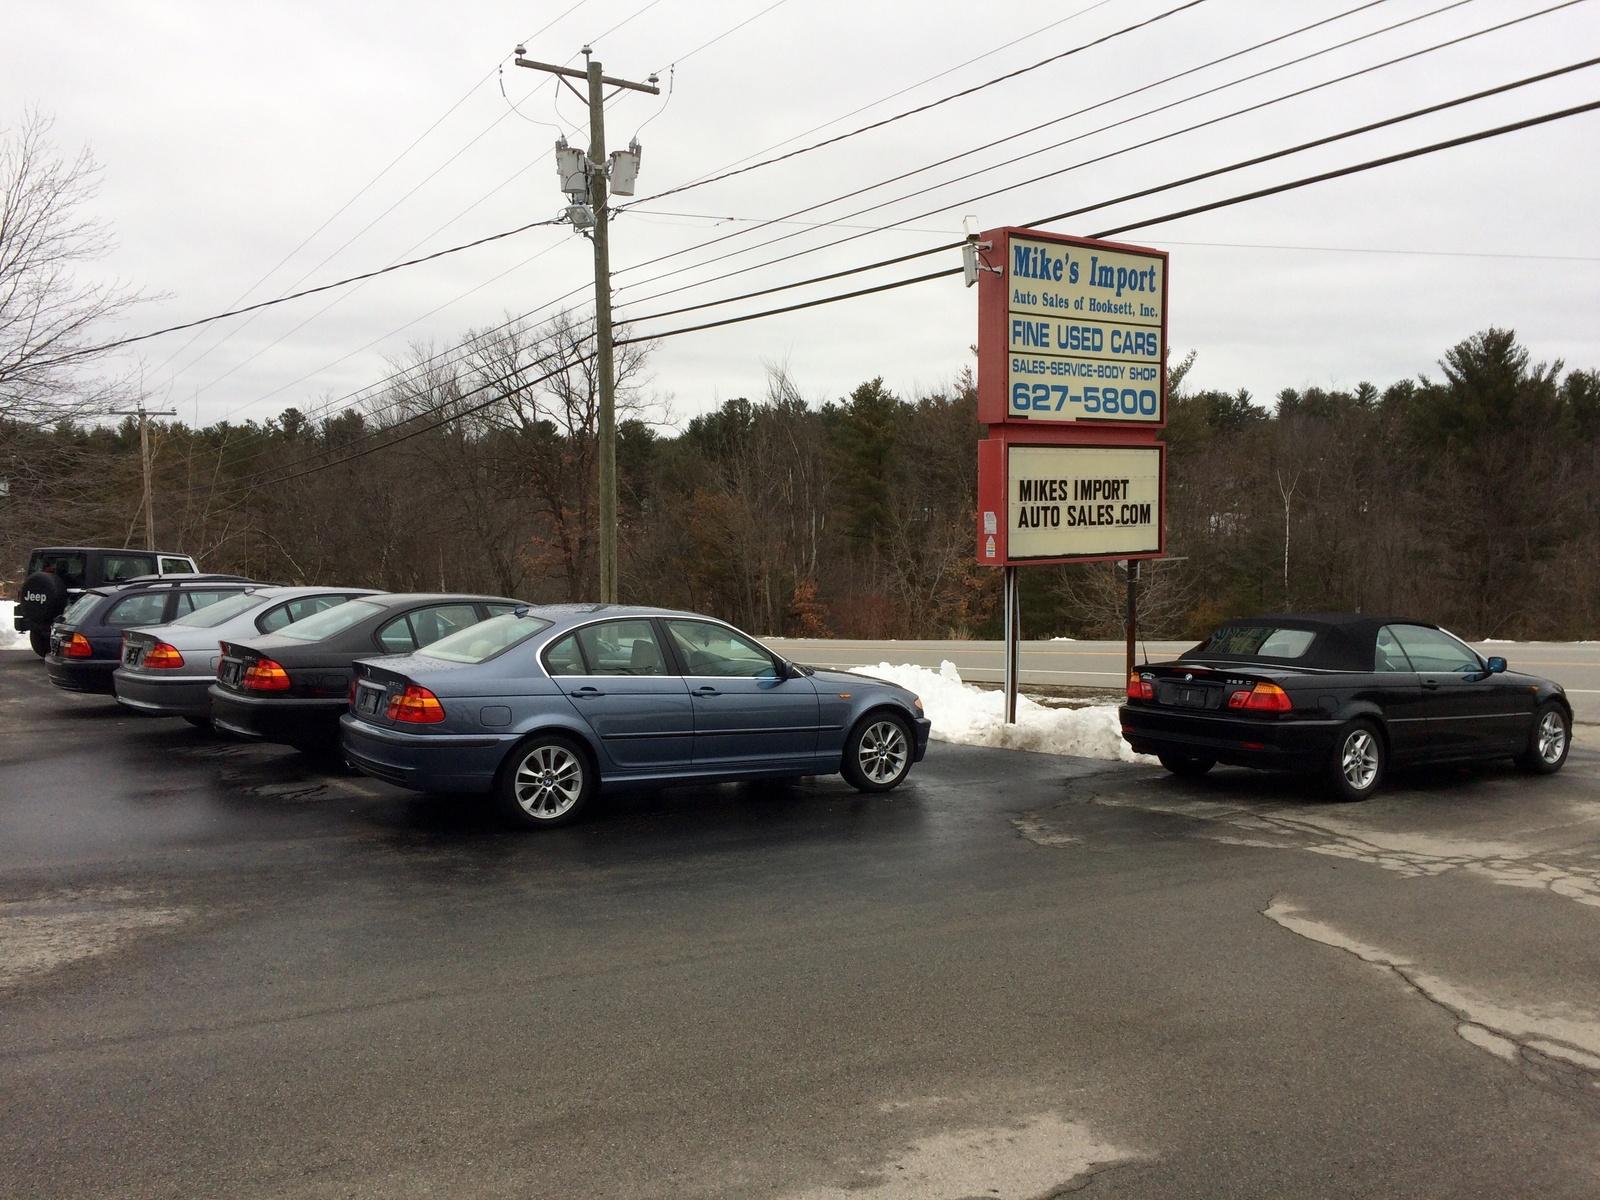 Audi Dealers In Ma >> Mike's Import A/S of Hooksett - Hooksett, NH: Read ...